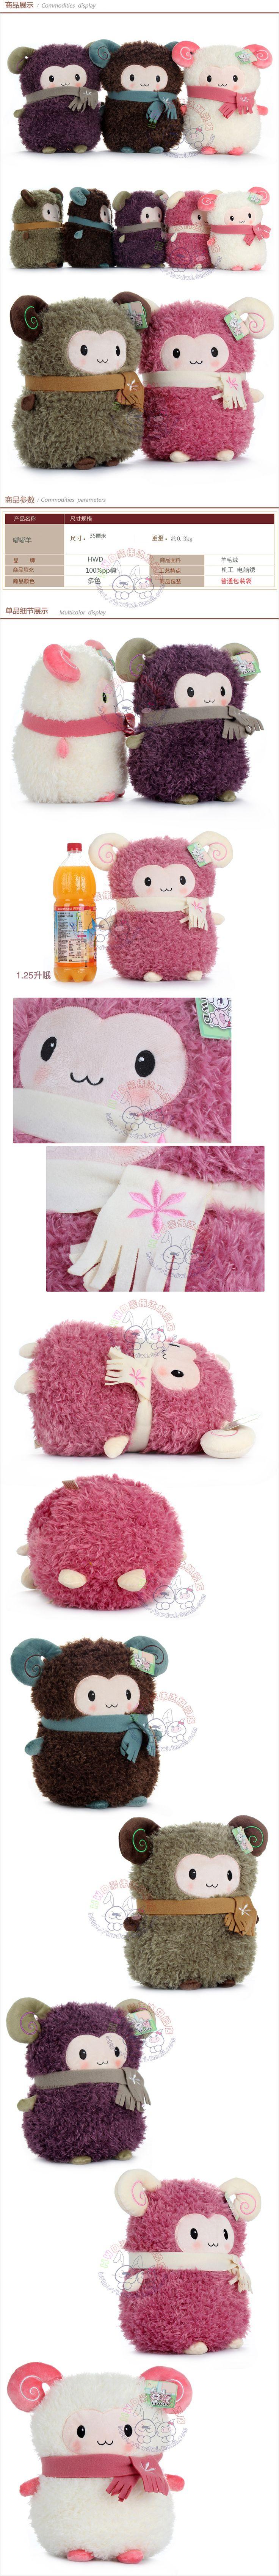 嘟嘟羊驼毛绒玩具 羊公仔娃娃大号 手捂暖手抱枕 可爱玩偶 礼物-tmall.com天猫 cute kawaii yet , ram or monster beastie plushie toy design